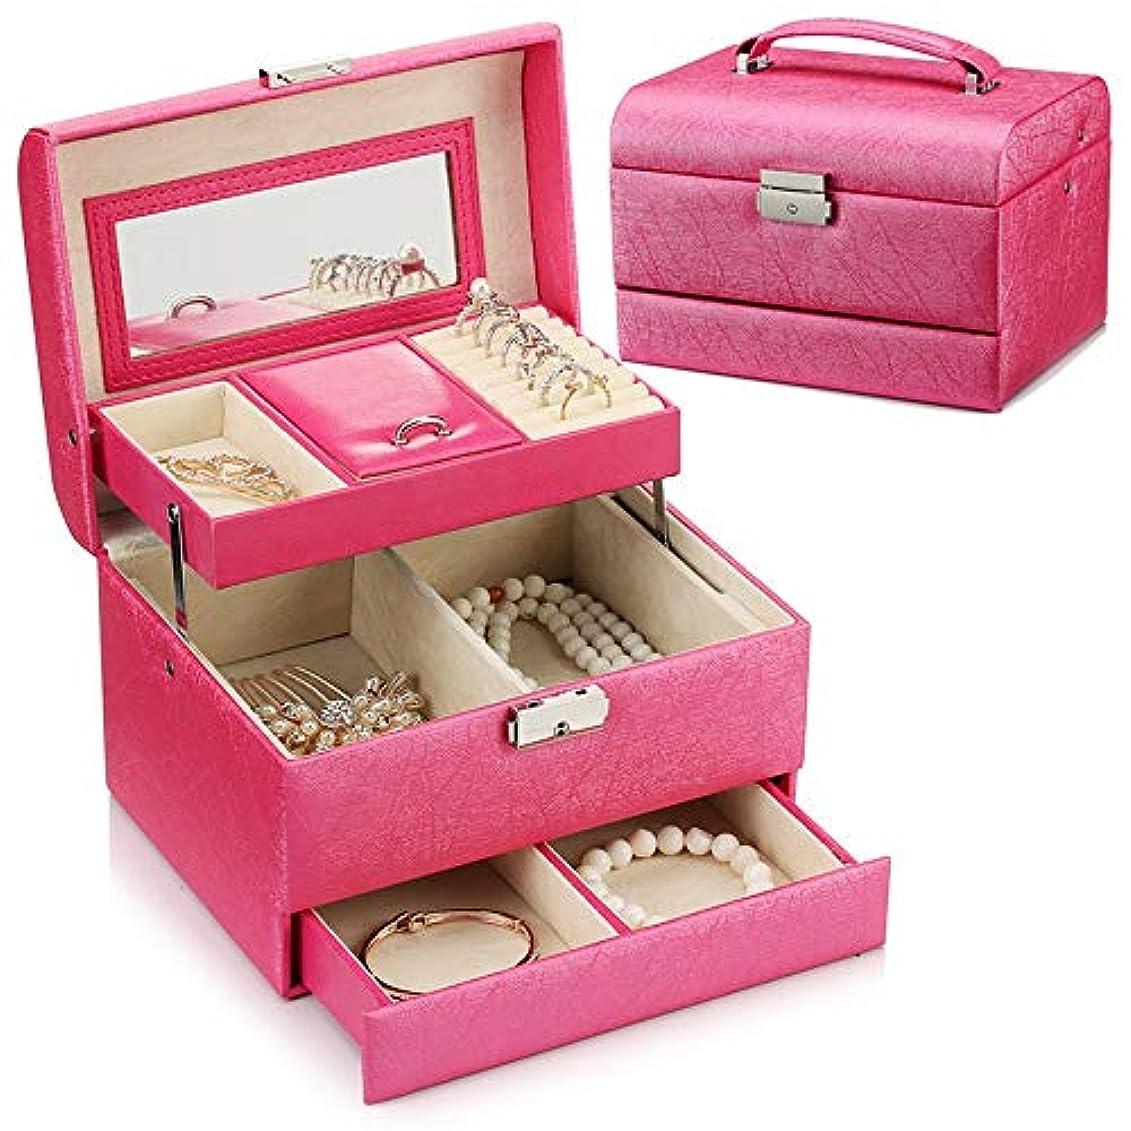 実験をするハッチしみ特大スペース収納ビューティーボックス 女の子の女性旅行のための新しく、実用的な携帯用化粧箱およびロックおよび皿が付いている毎日の貯蔵 化粧品化粧台 (色 : ローズレッド)